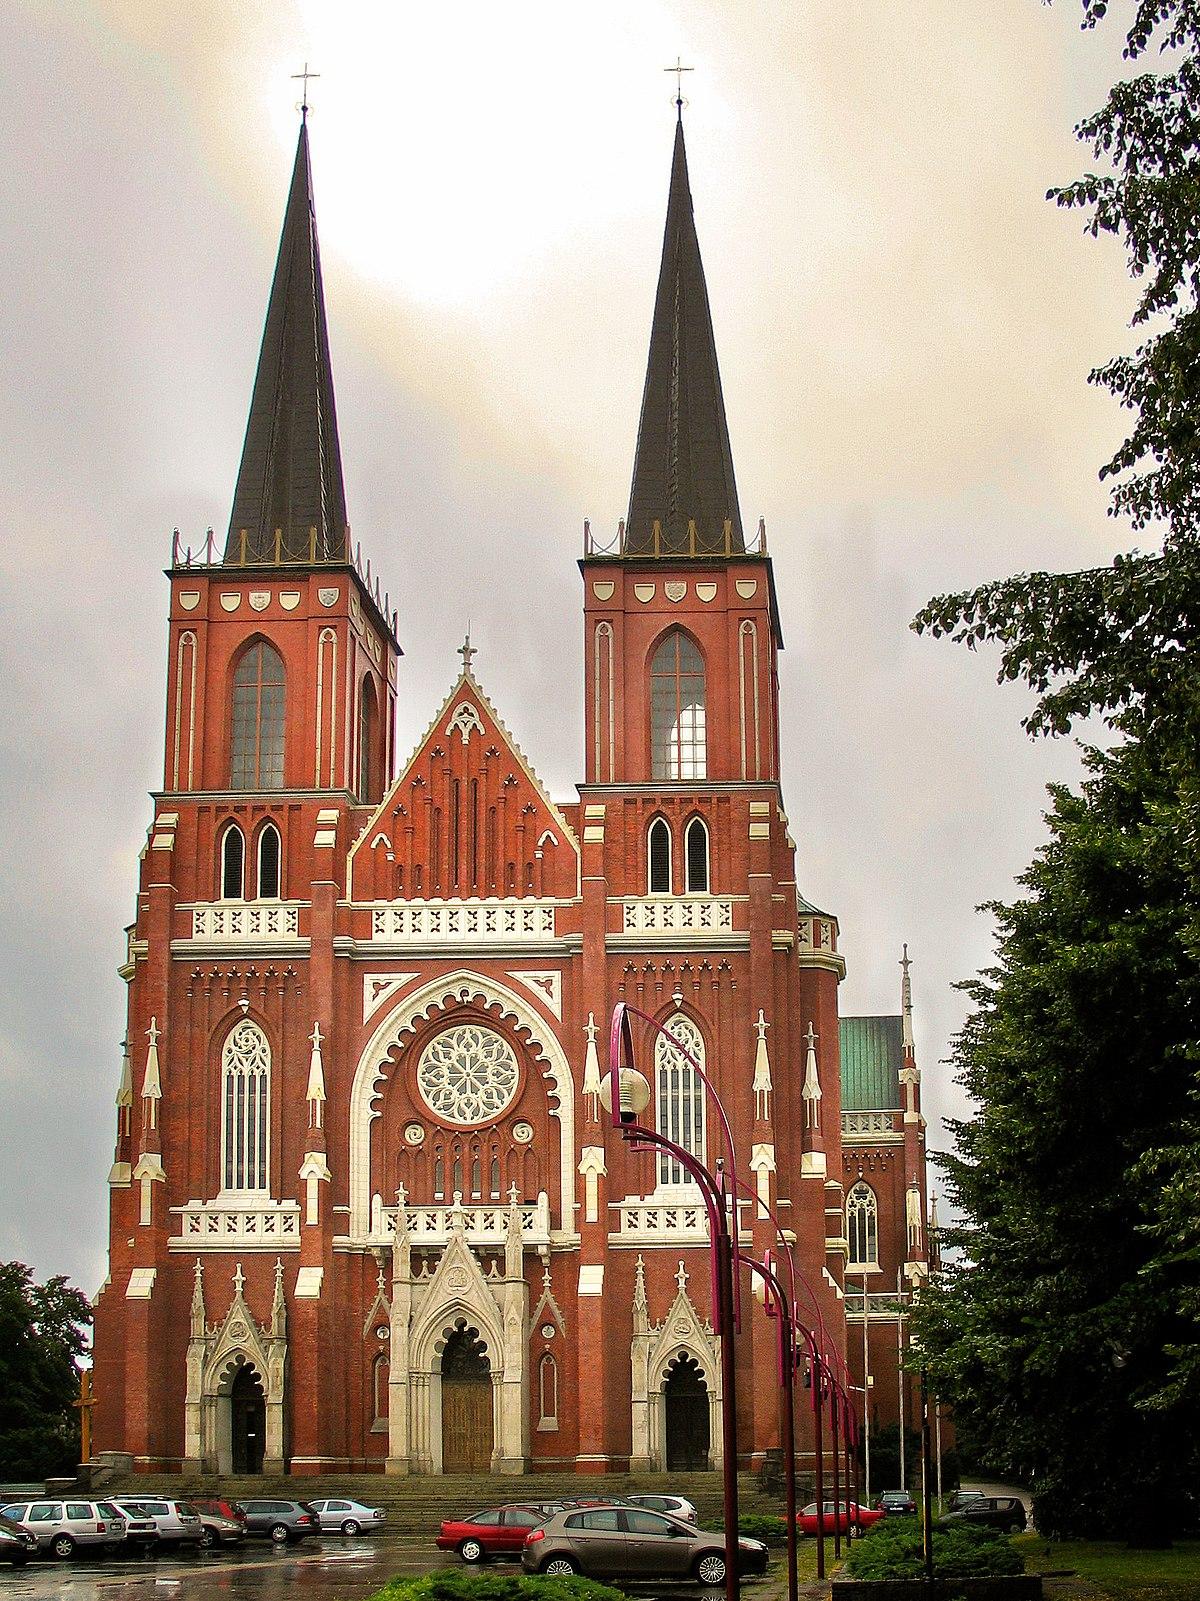 holy basilica częstochowa cathedral catholic rodziny wikipedia roman church bazylika poland archdiocese swietej świętej wikimedia sanktuarium country facade